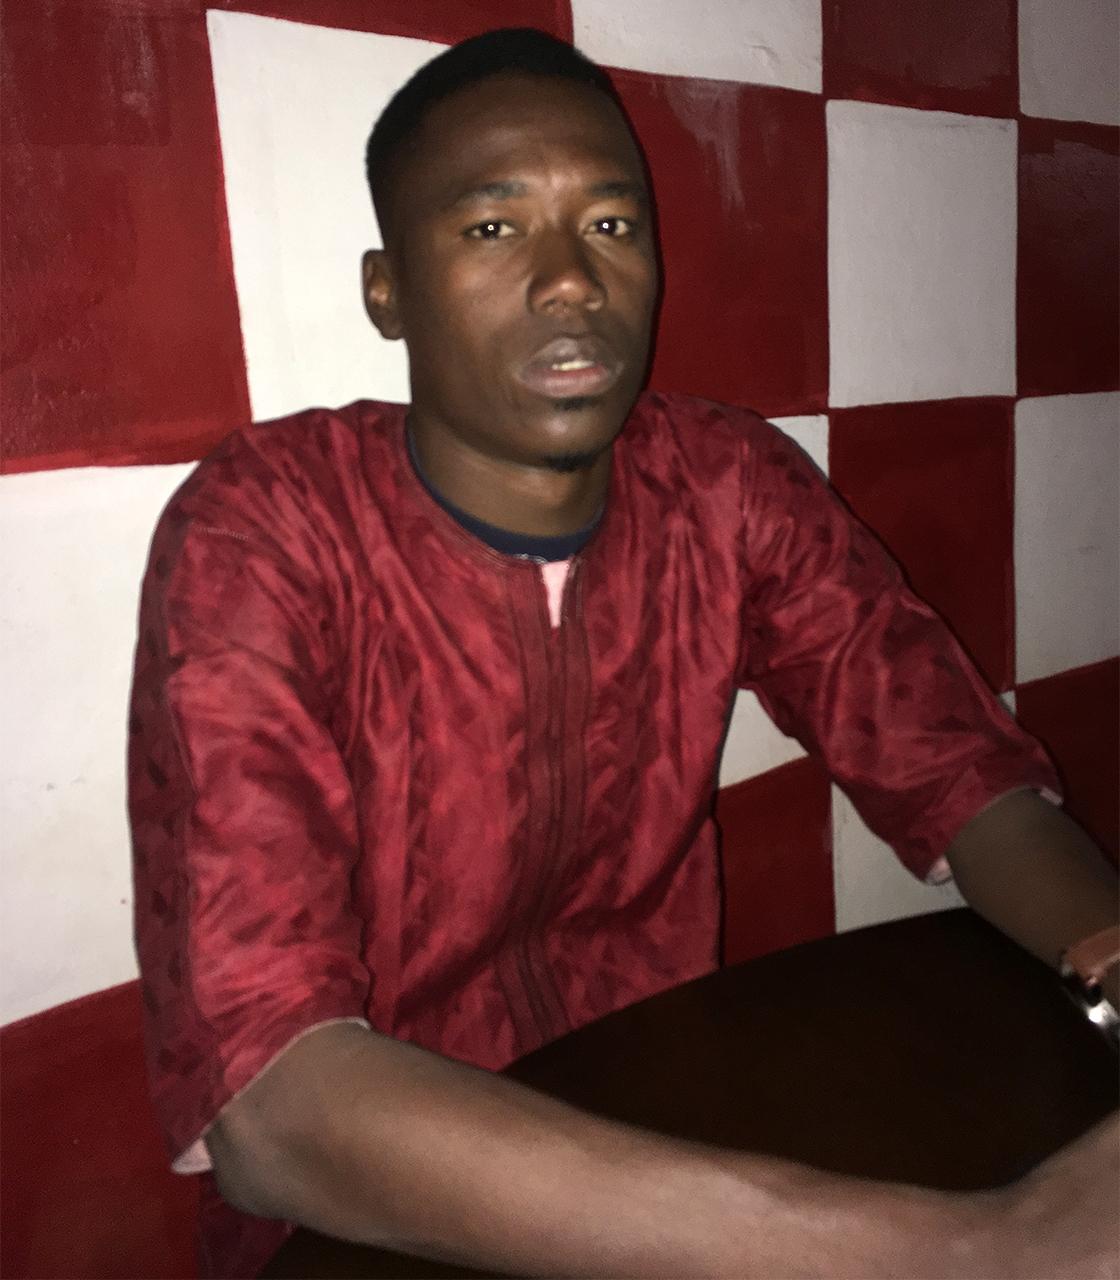 kaoulin nioro sahel pablocaminante - Malí 1, Nioro du Sahel